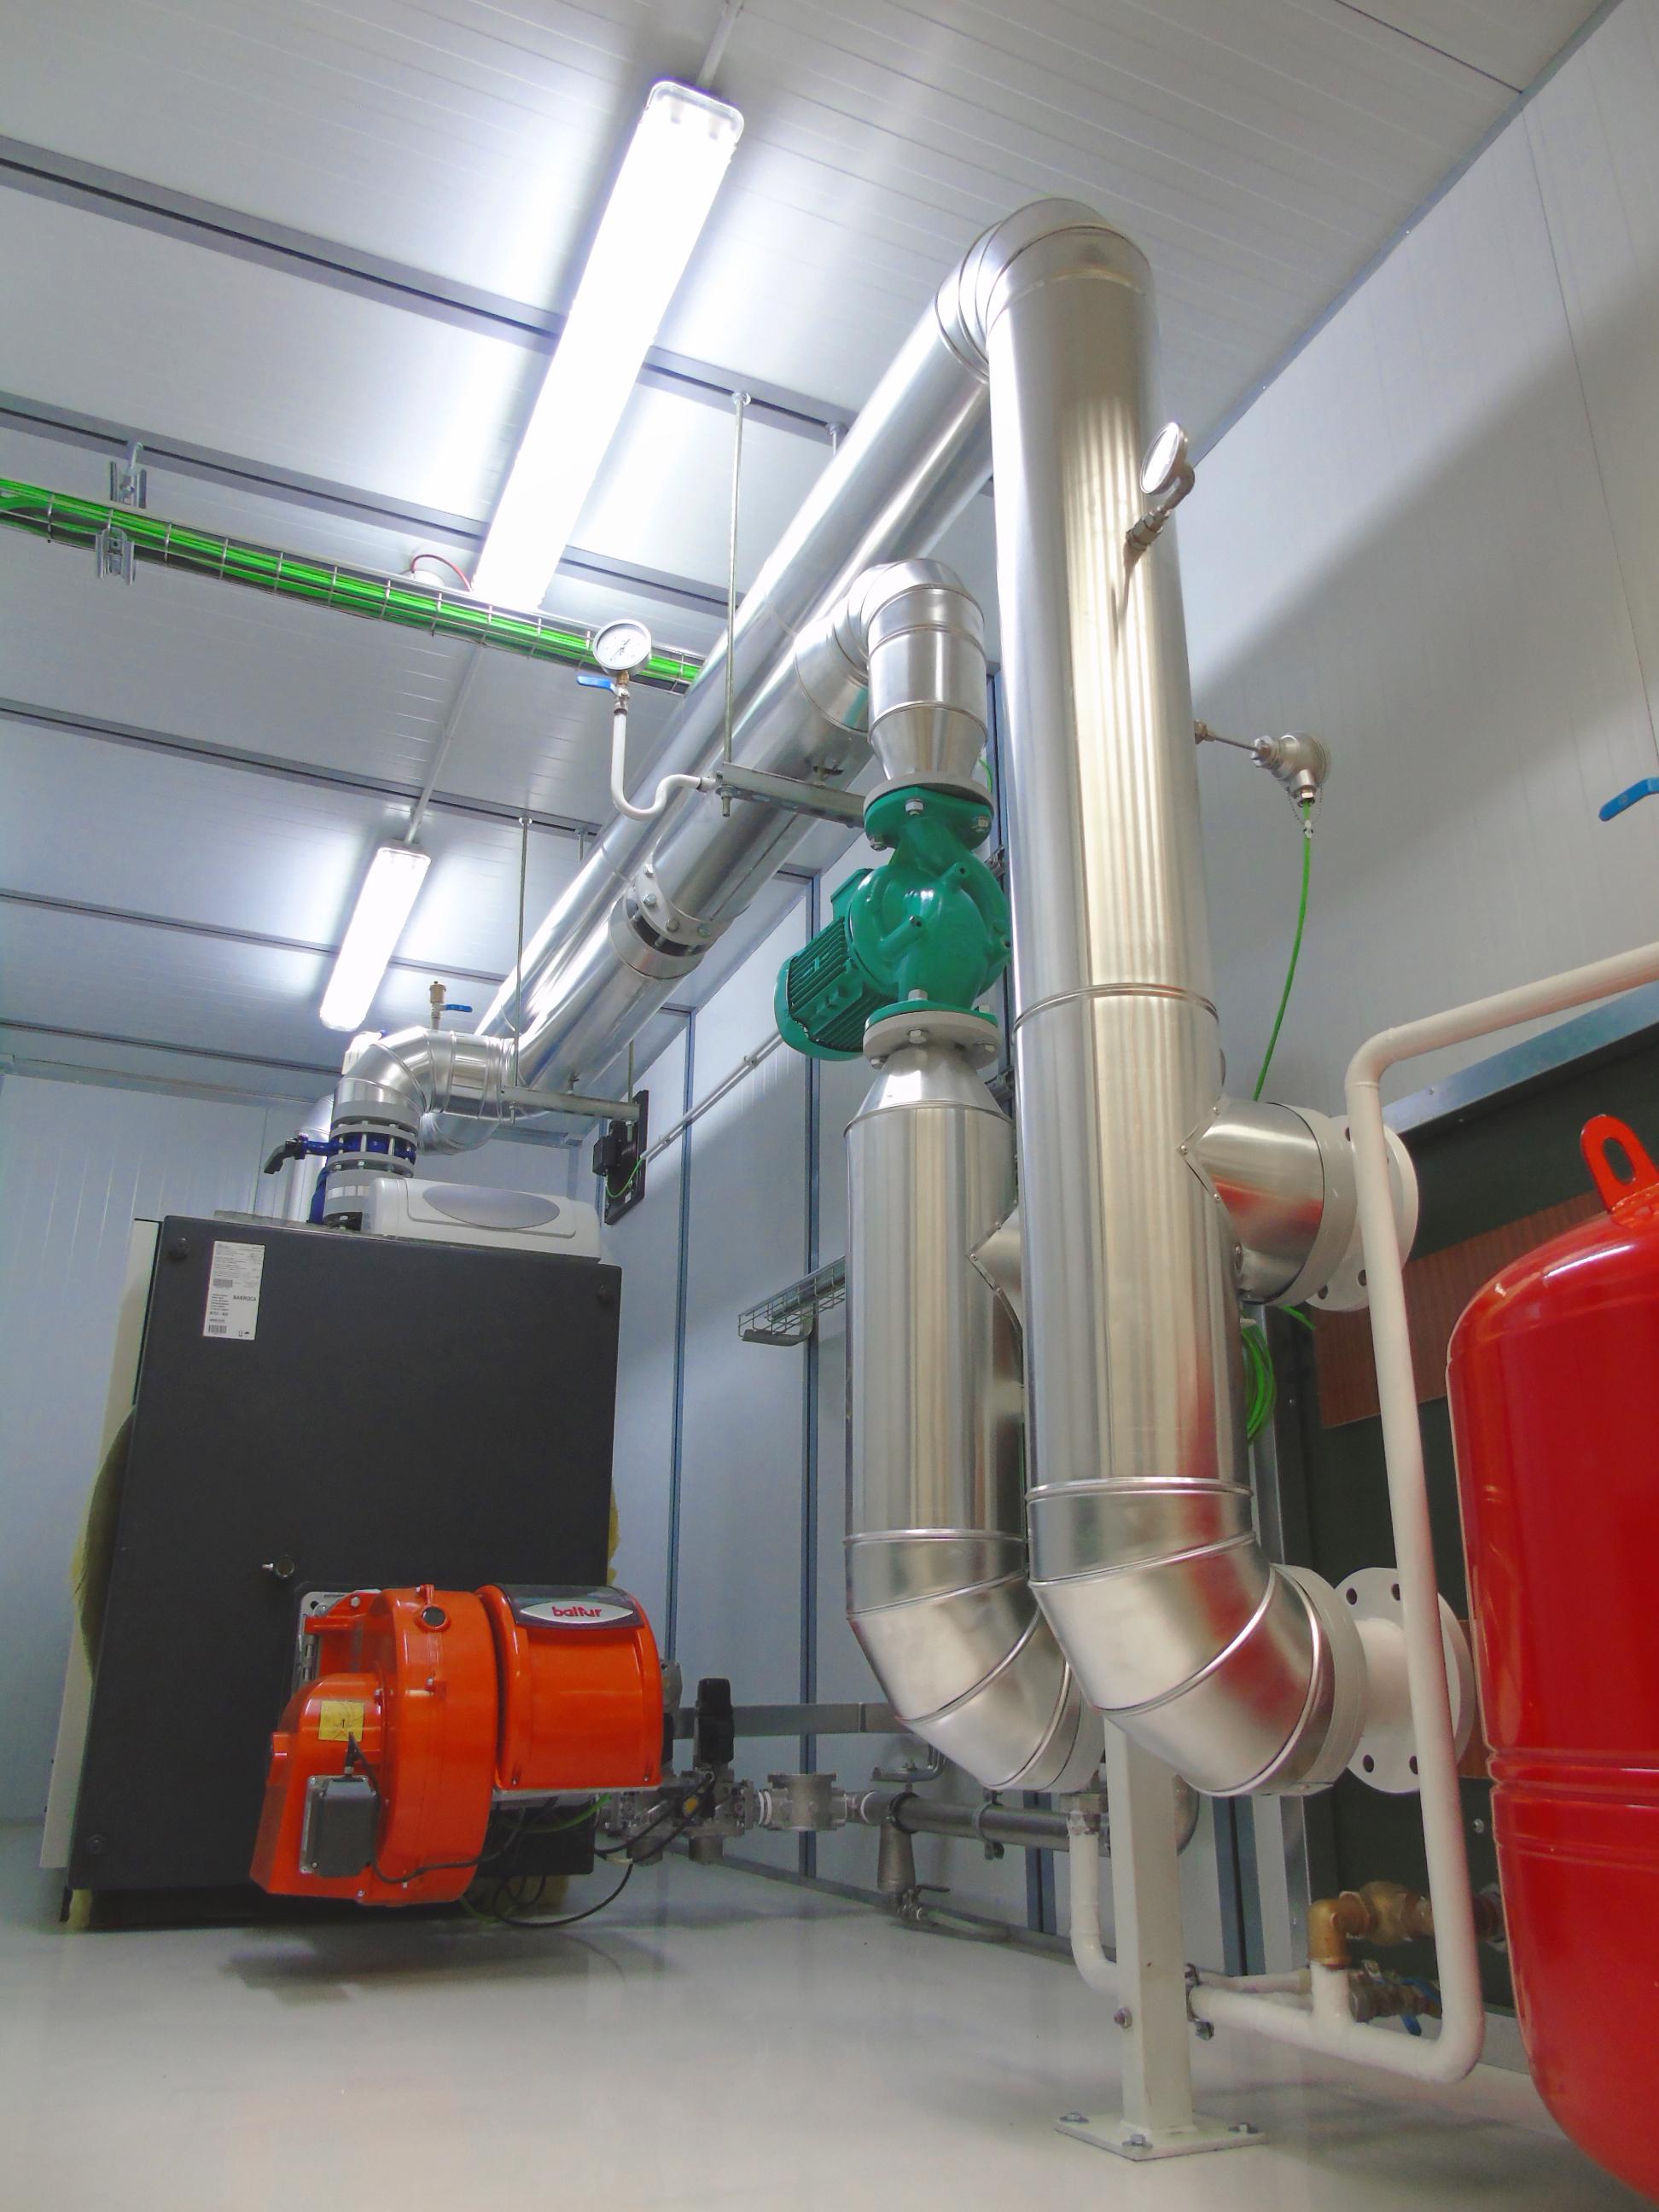 04Contenedor de Calefacción-Planta de Biogás de 1MW en Stracathro Reino Unido-Contenedor de calefaccion-Stracathro-QILA